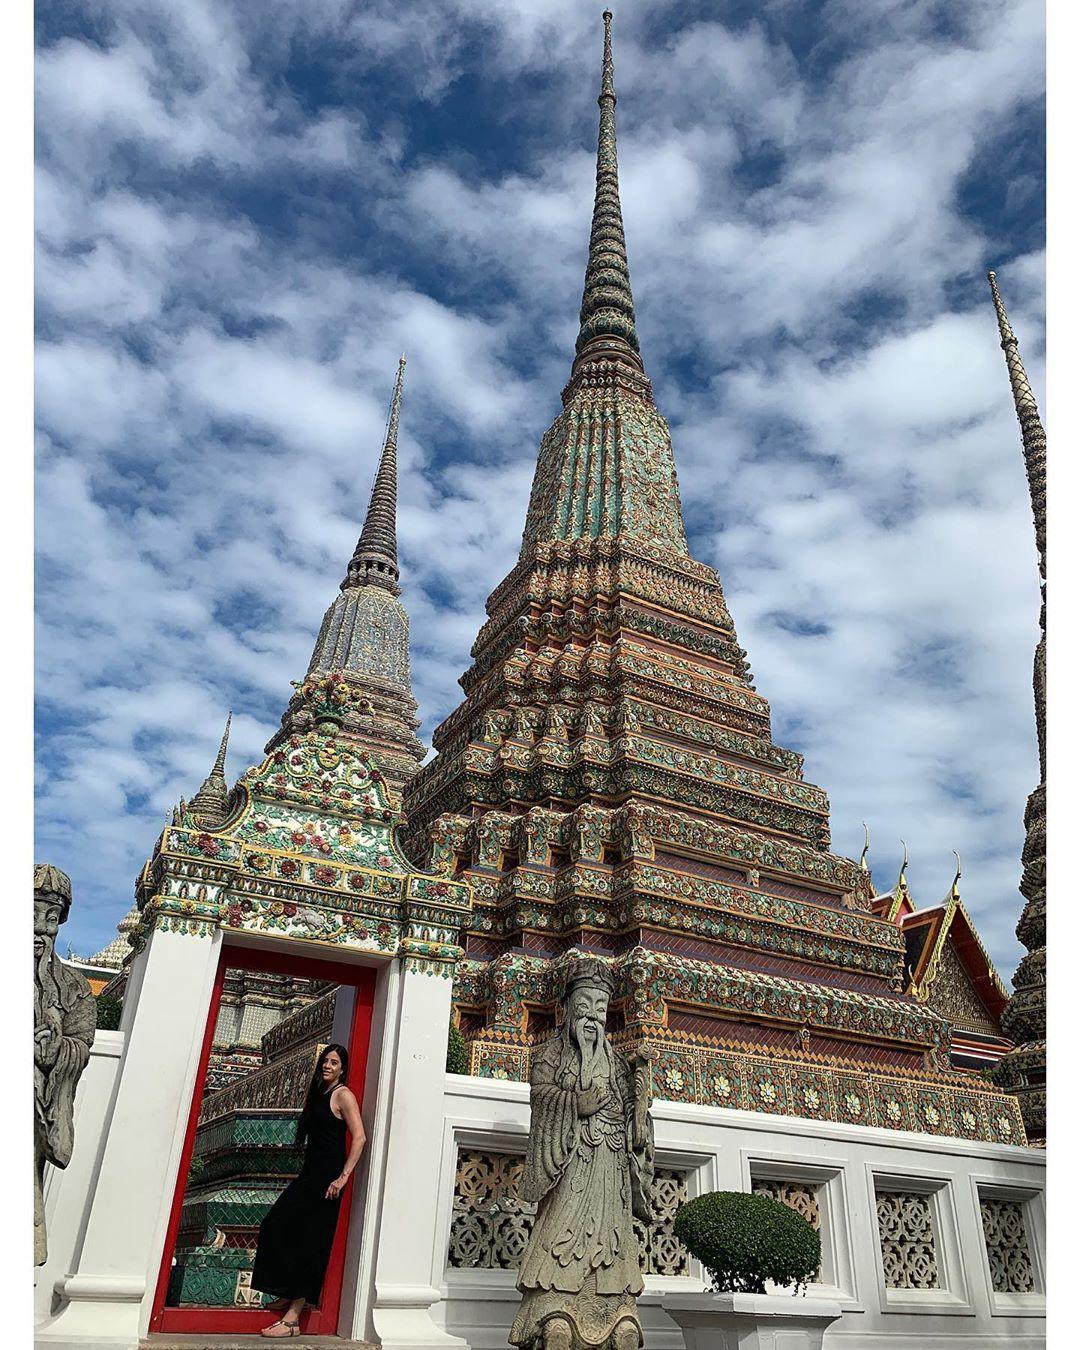 Đến Bangkok nhất định phải ghé thăm 3 cung điện siêu thực này - Ảnh 2.